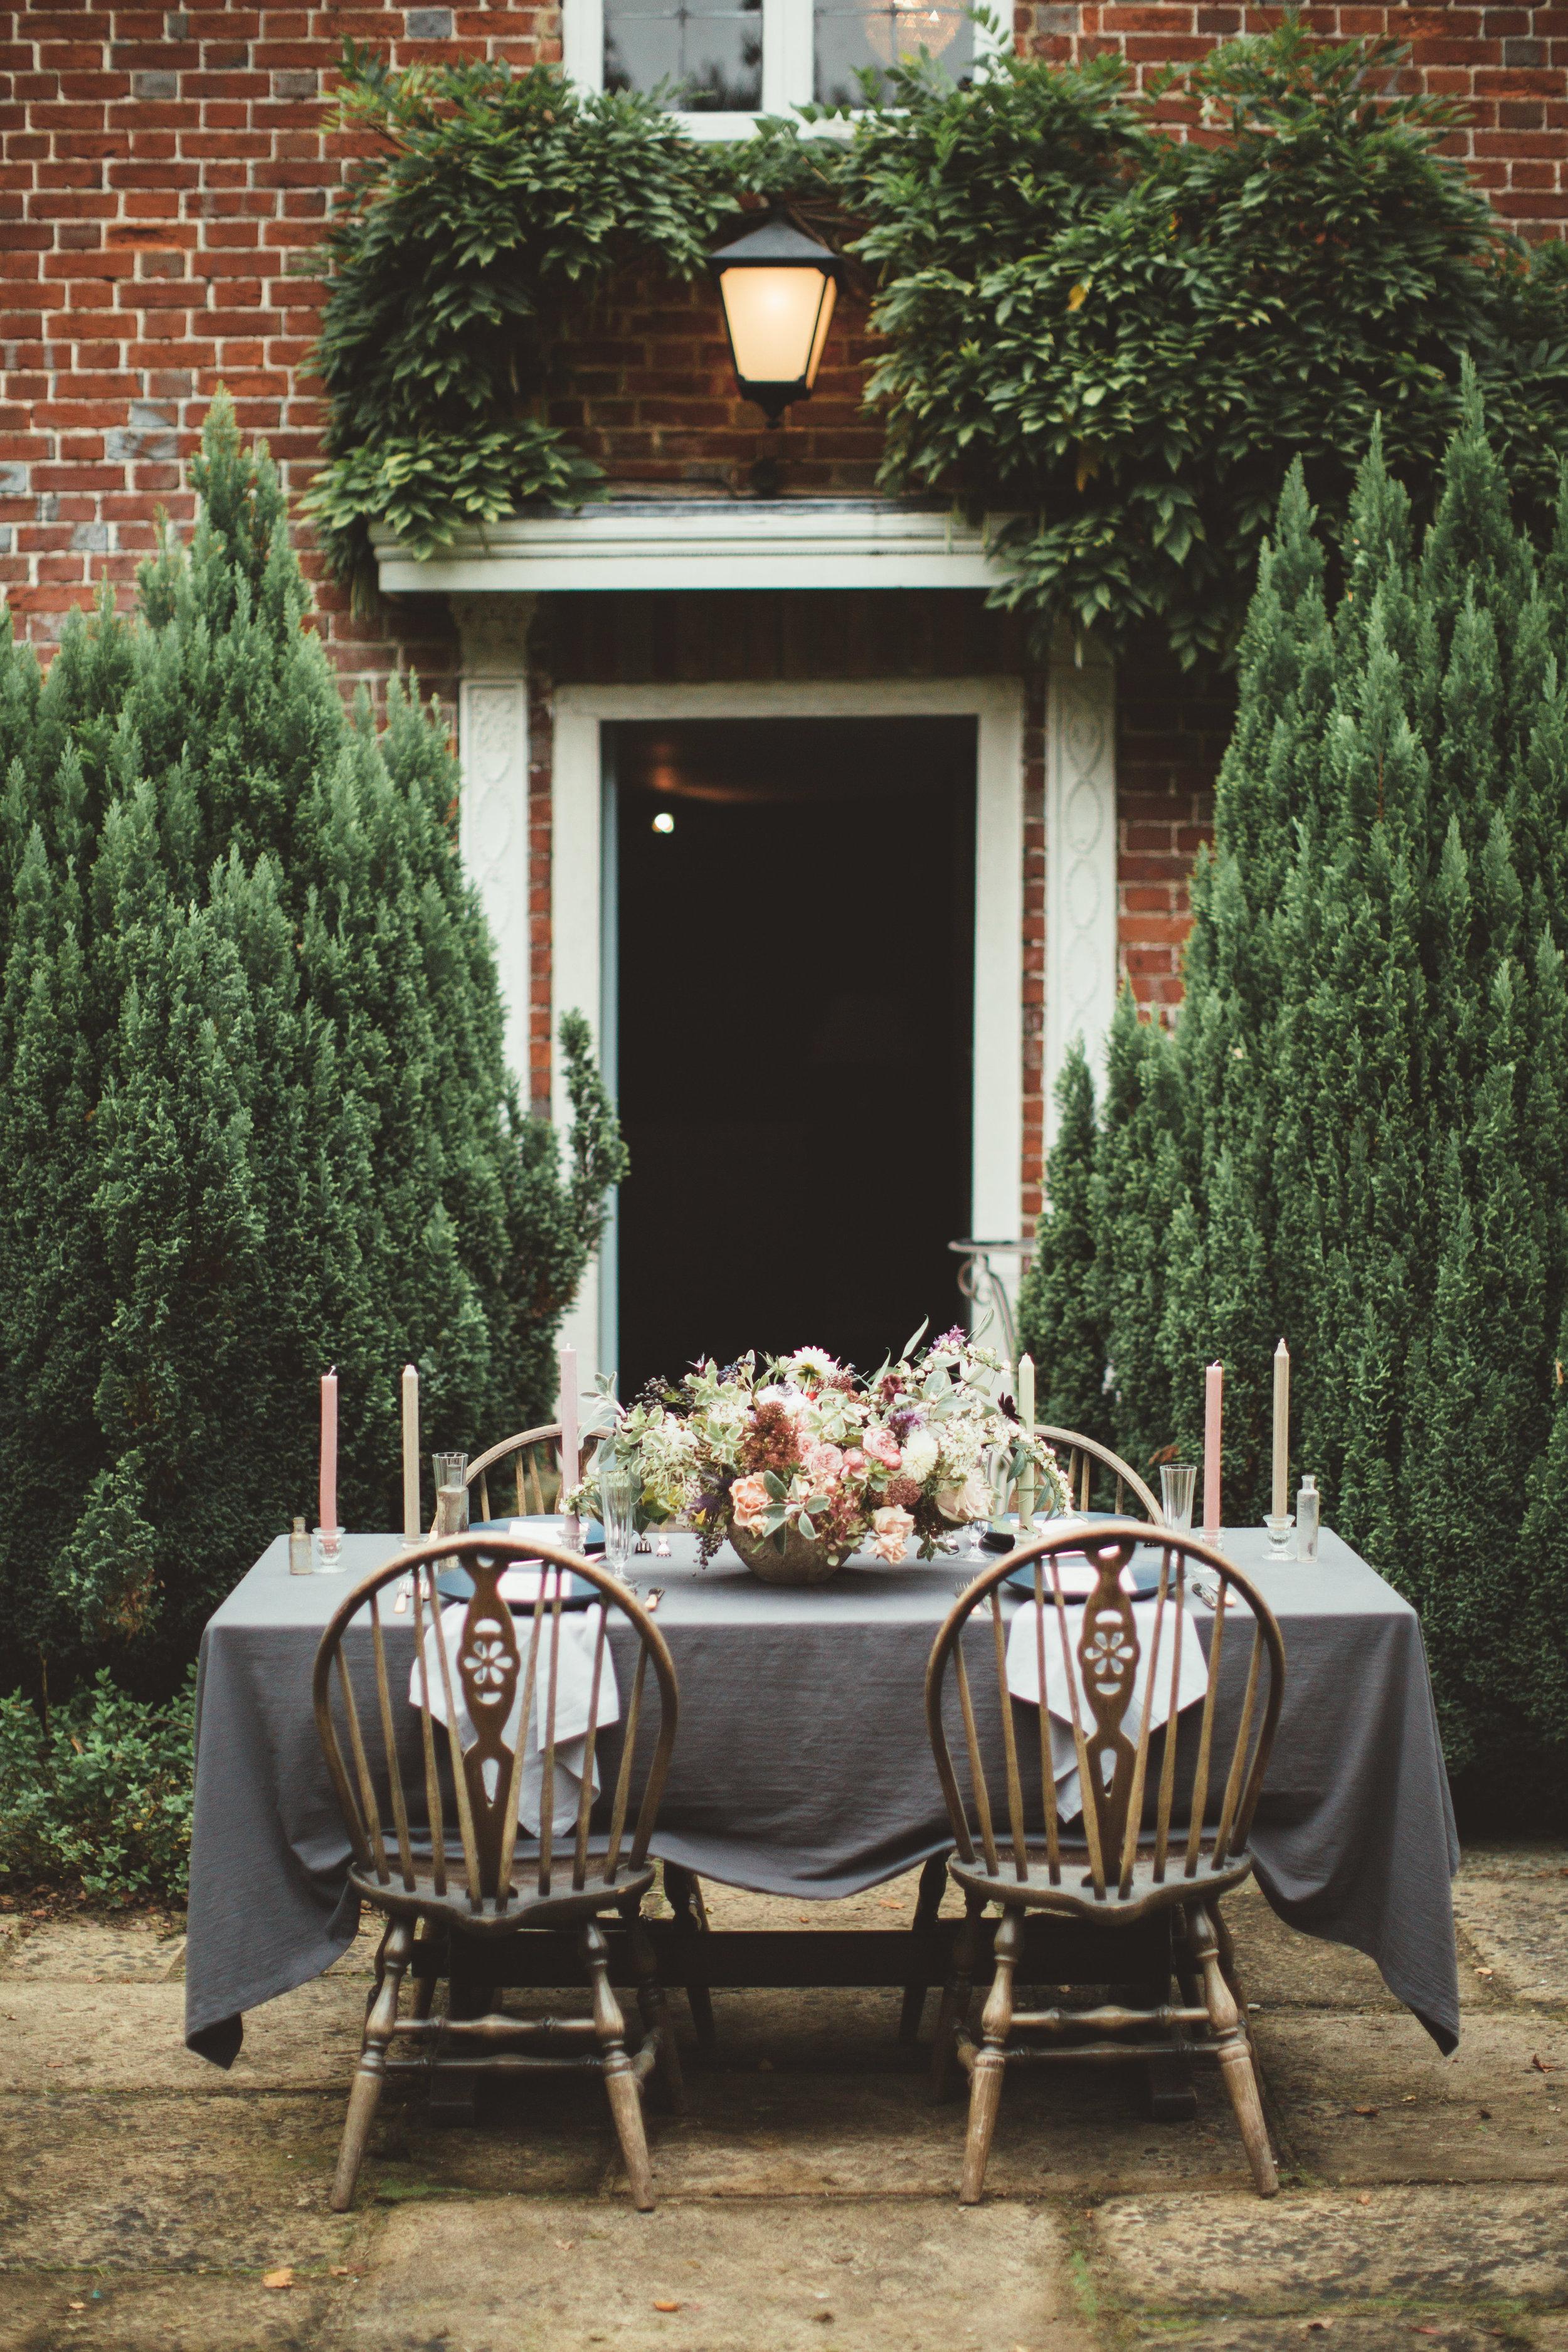 jennifer pinder flower school is voted best in England photos of portfolio summer wedding workshop - maryanneweddings-67.jpg